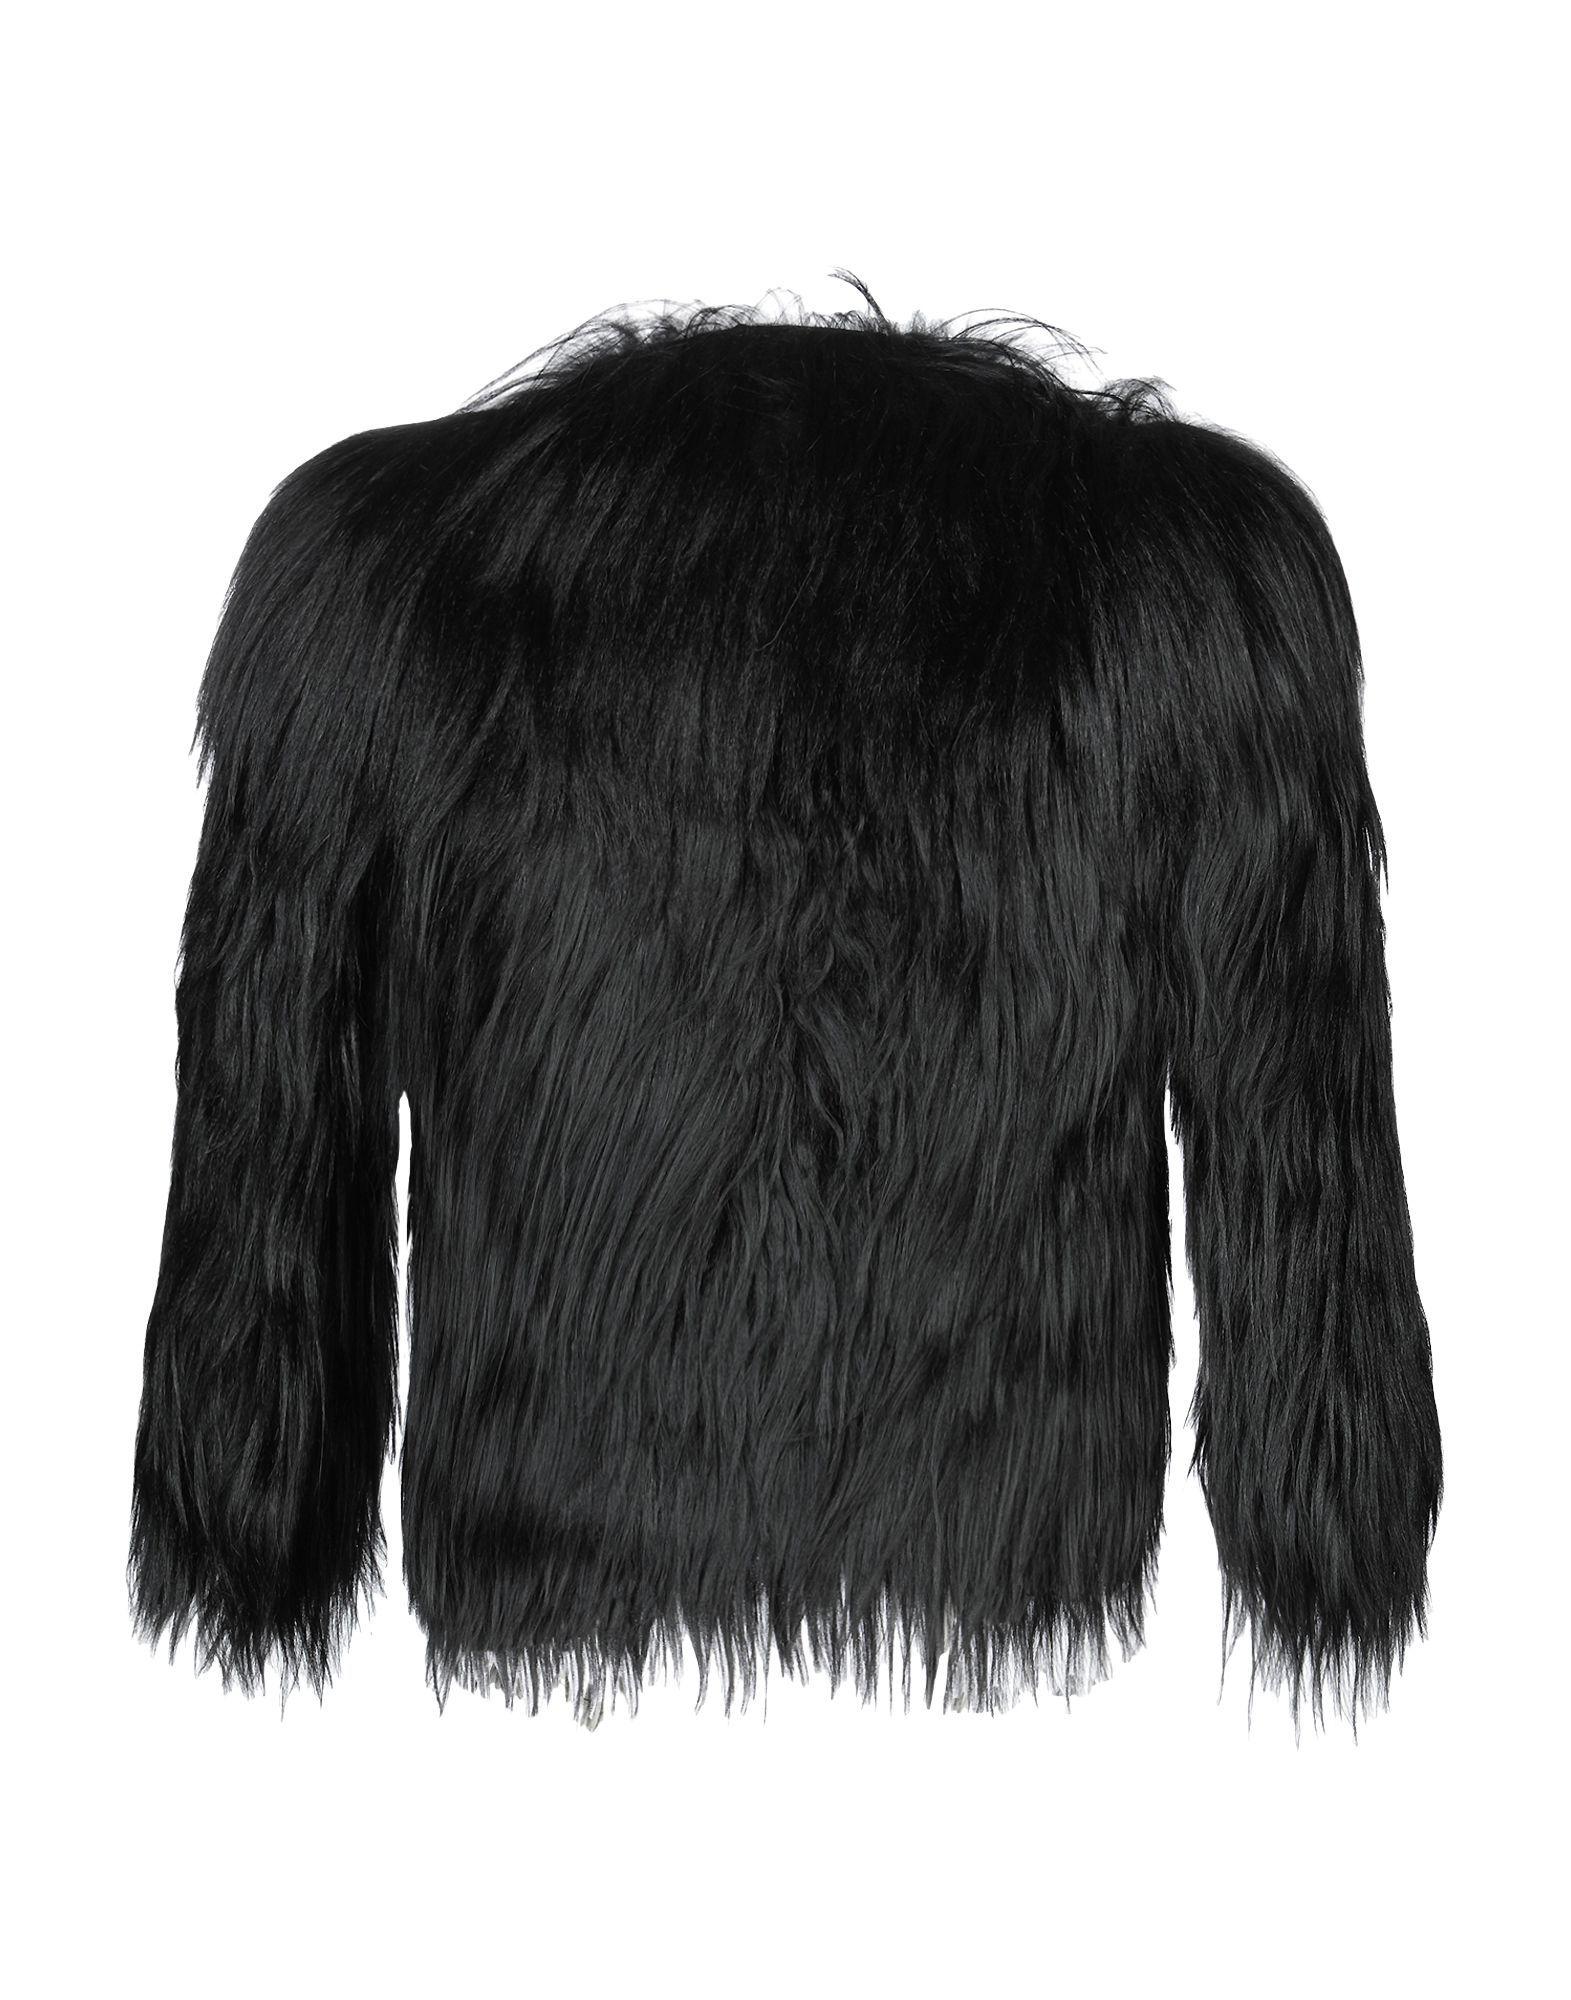 Maison Margiela Black Sheepskin Jacket